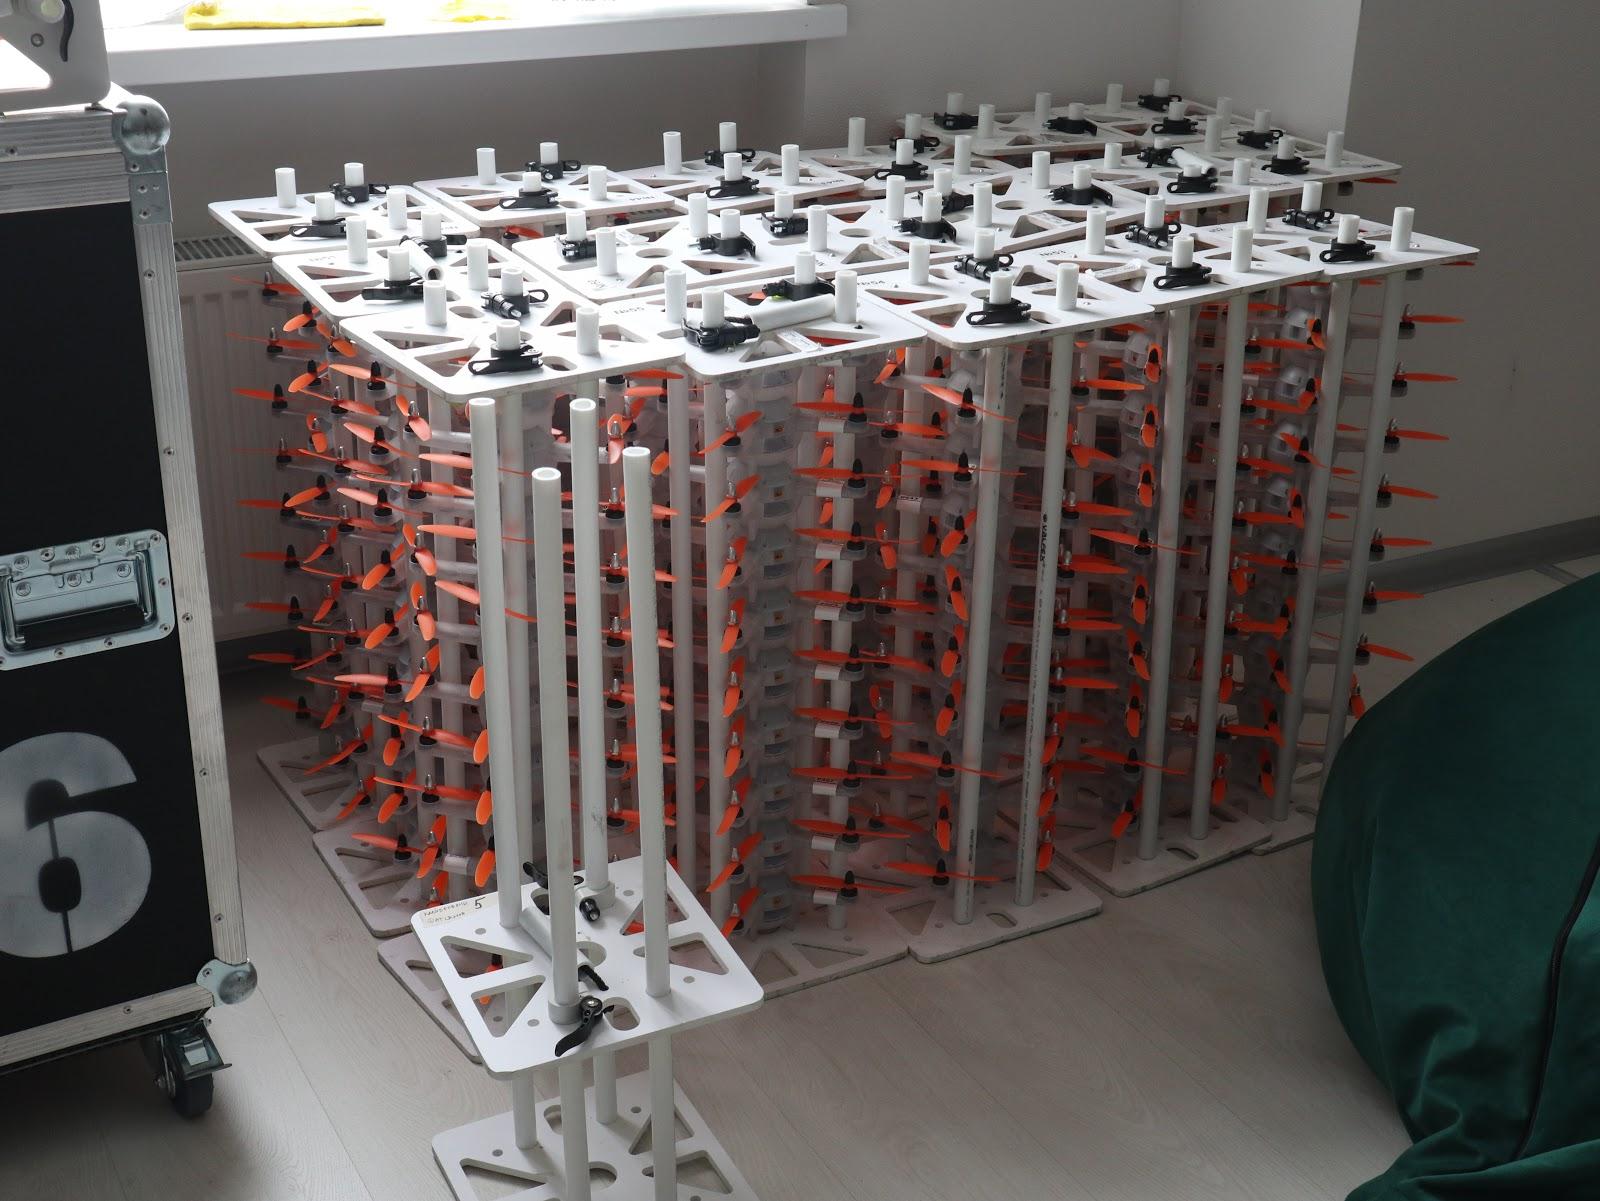 Так выглядят рамки для перевозки дронов — каждая вмещает по 10 штук